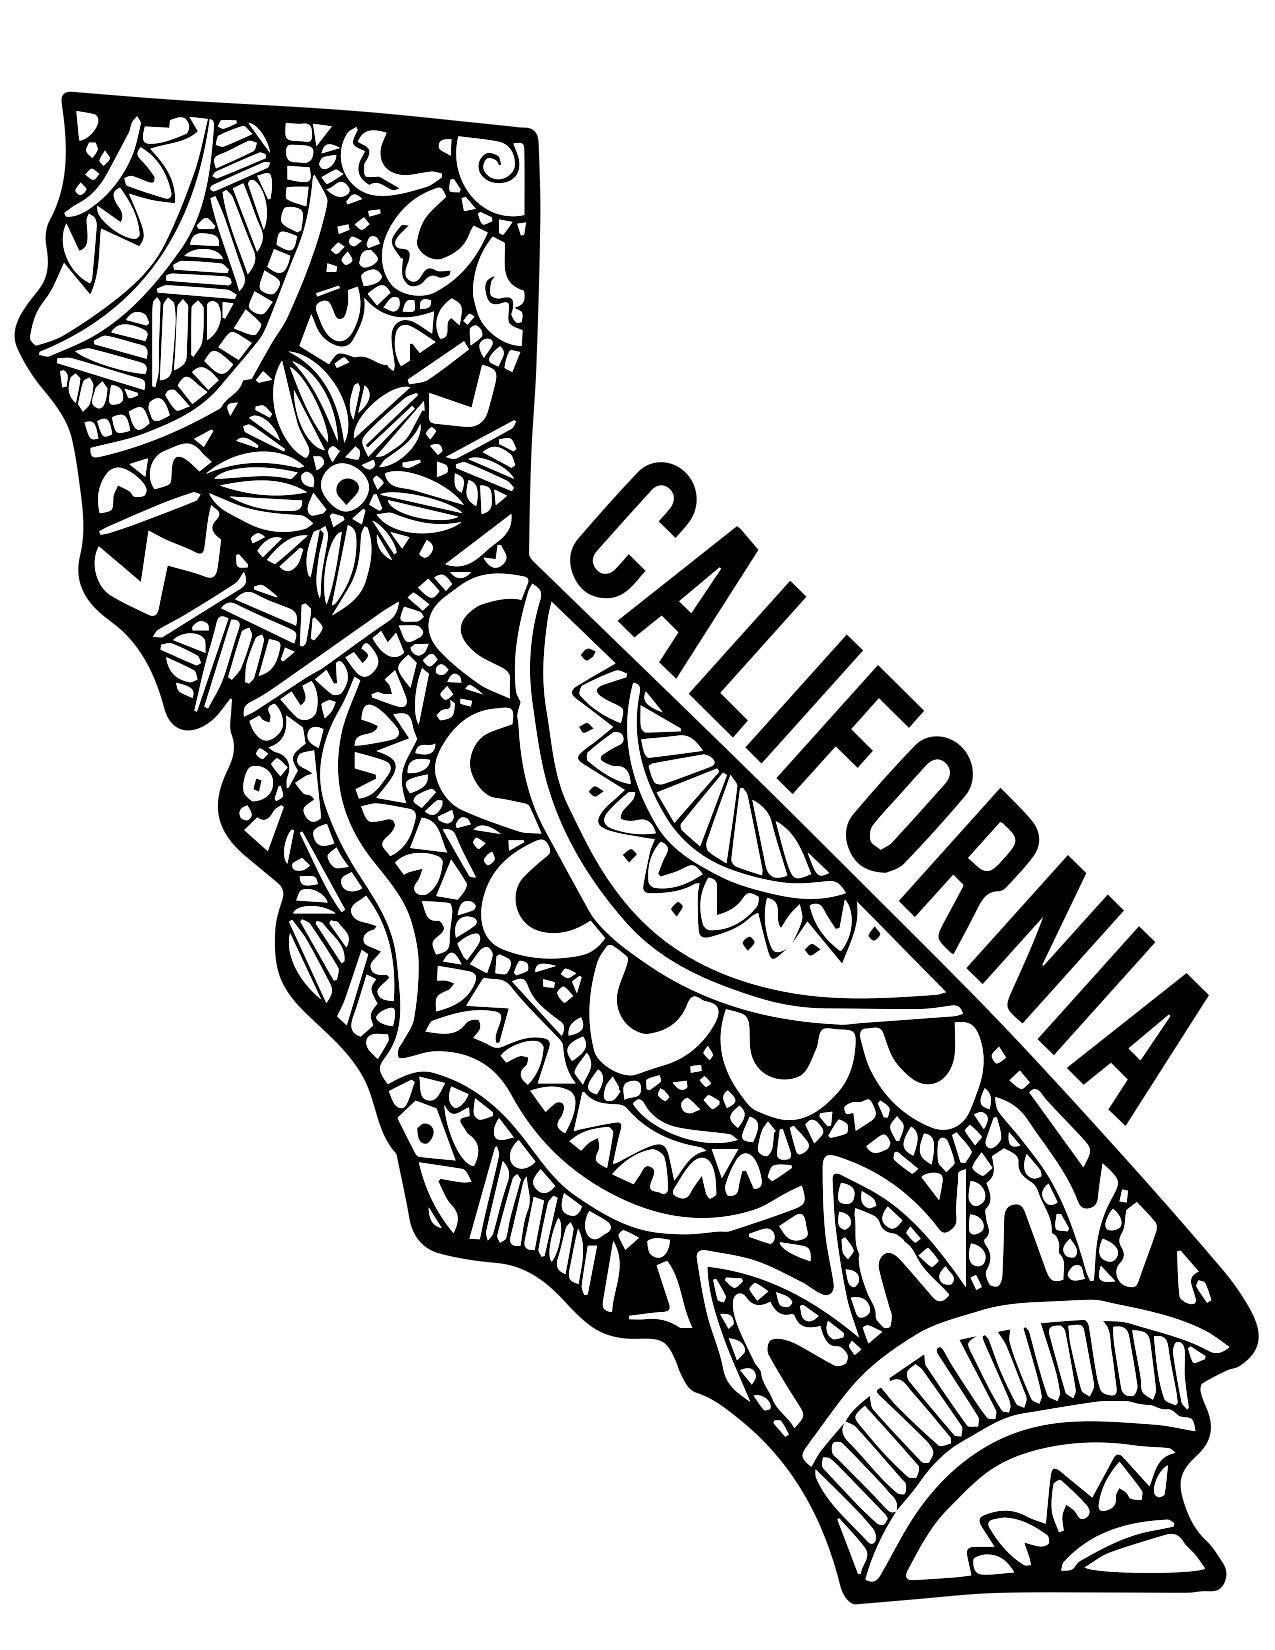 1275x1650 California Zentangle Zentangle Tattoo, Piercings